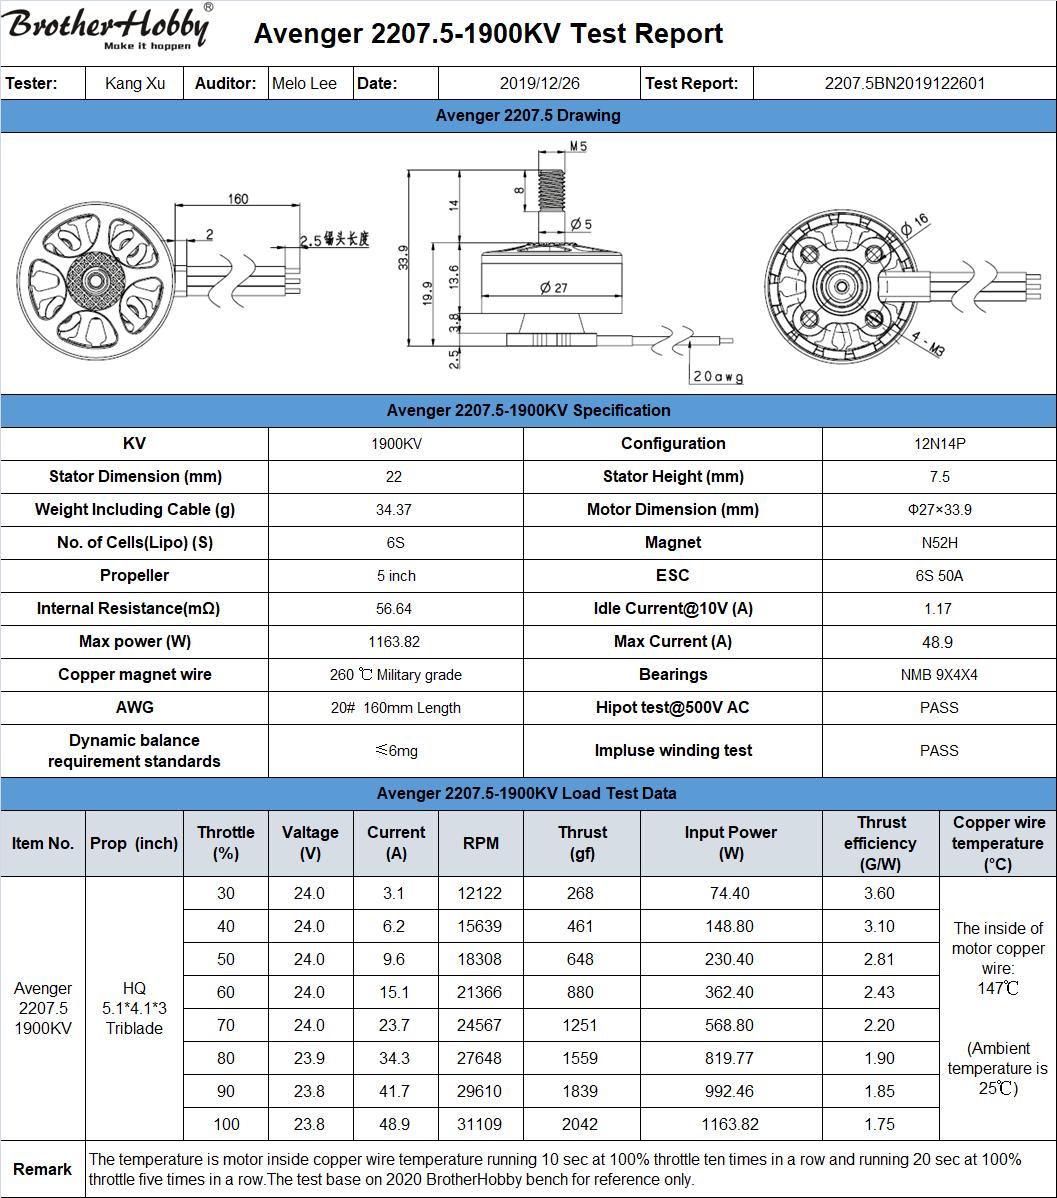 avenger-2207.5-1900kv-6s-5inch-50a.png